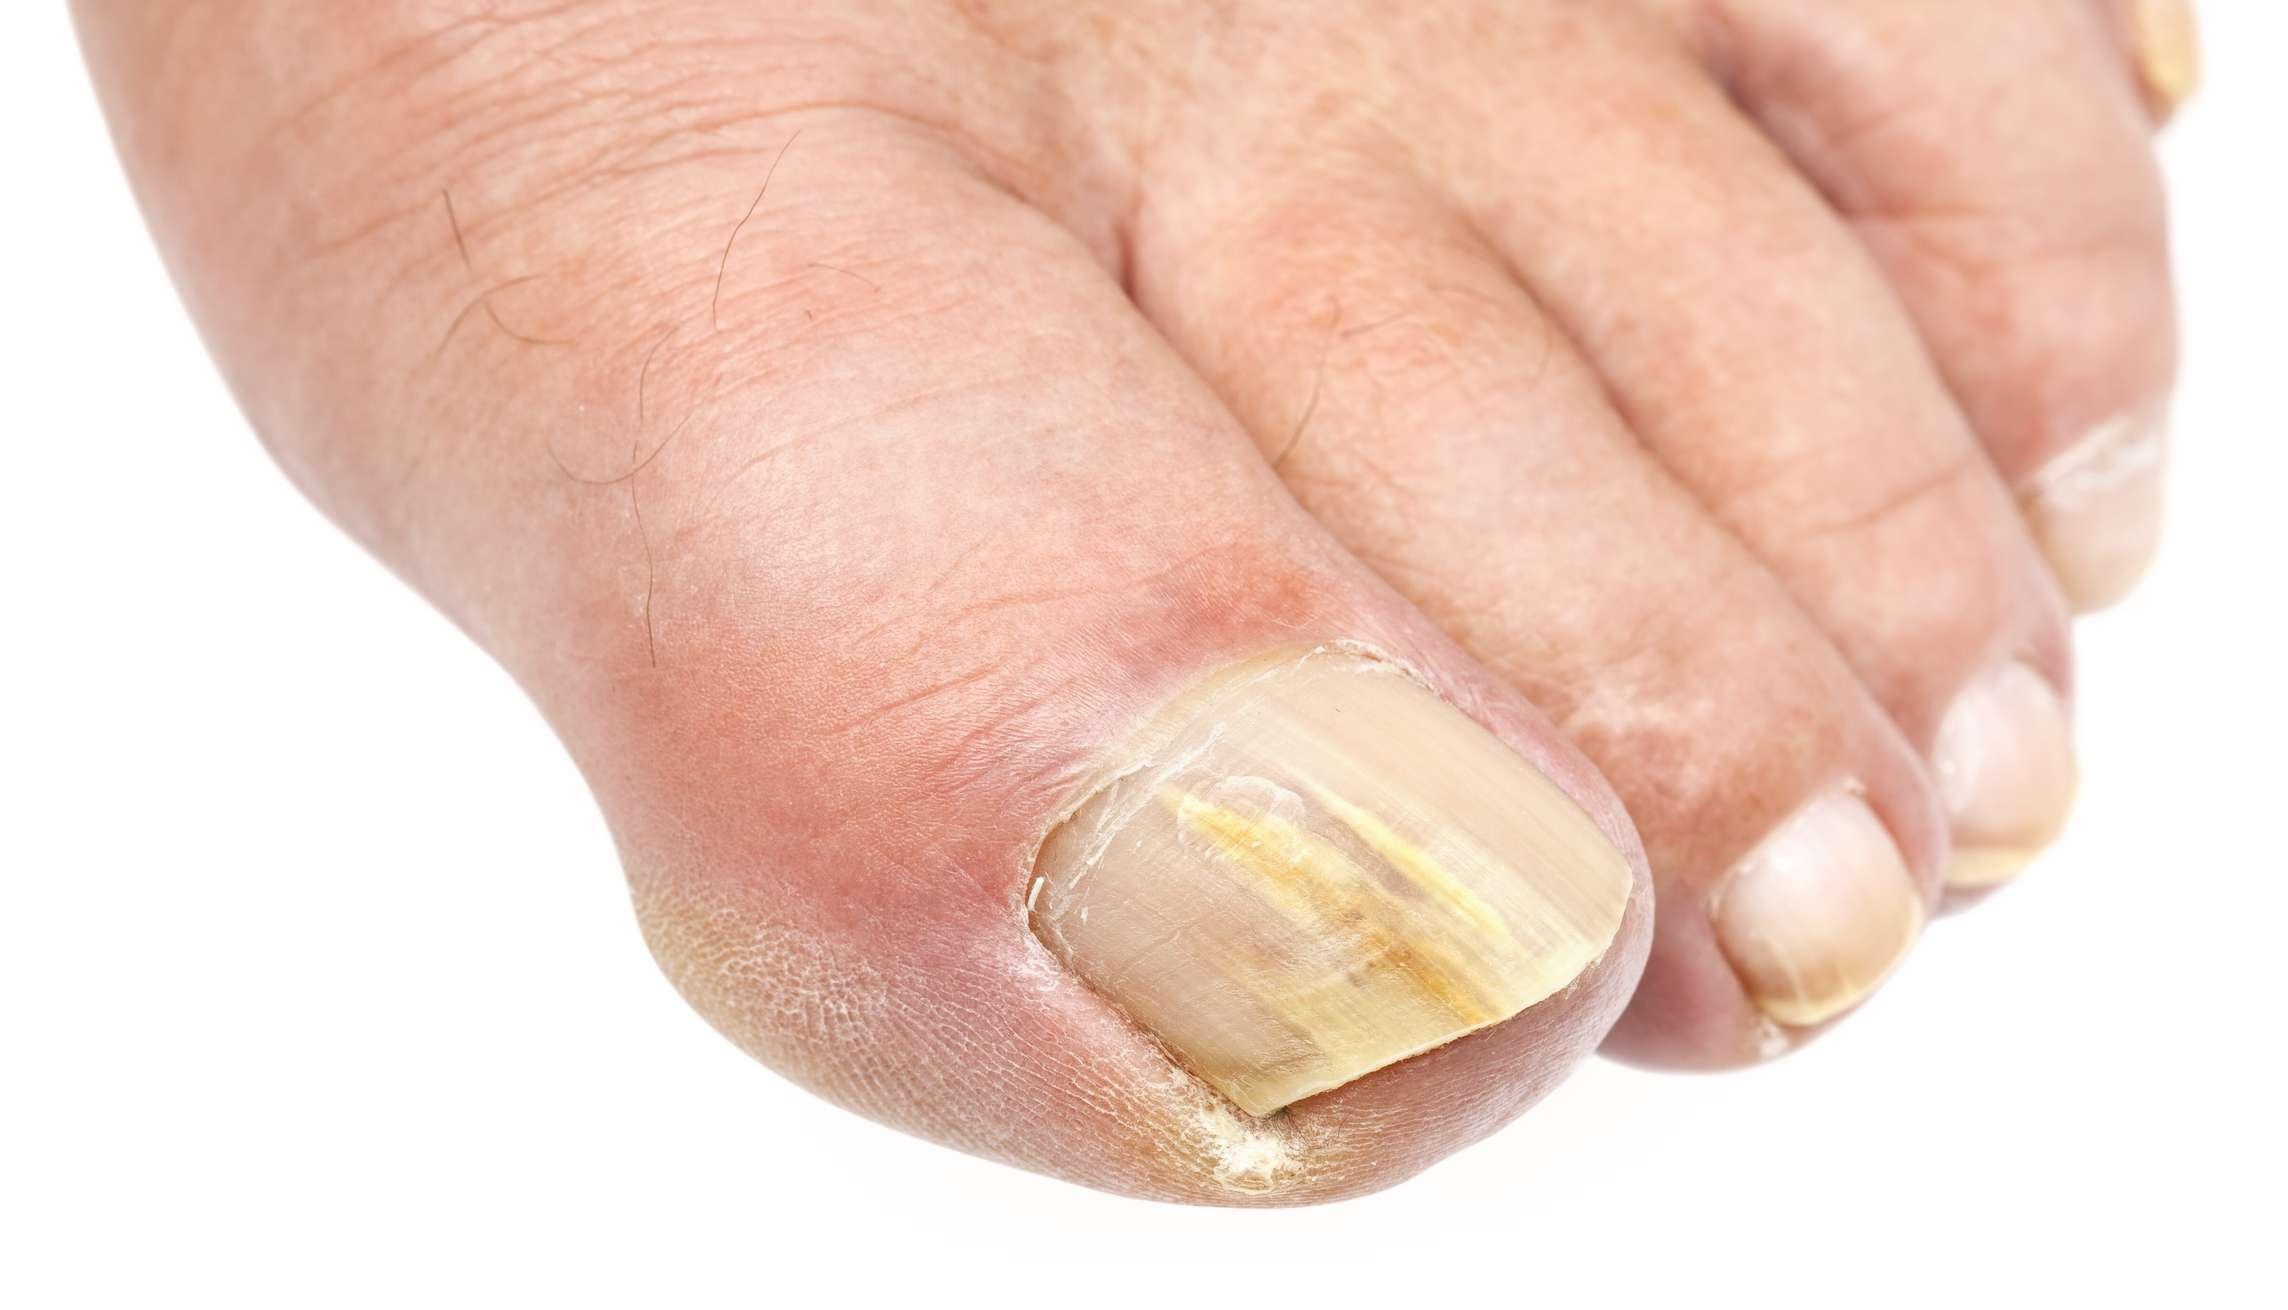 الوقاية من فطريات الاظافر وأهم اسباب الاصابة بها وكيفية علاجها